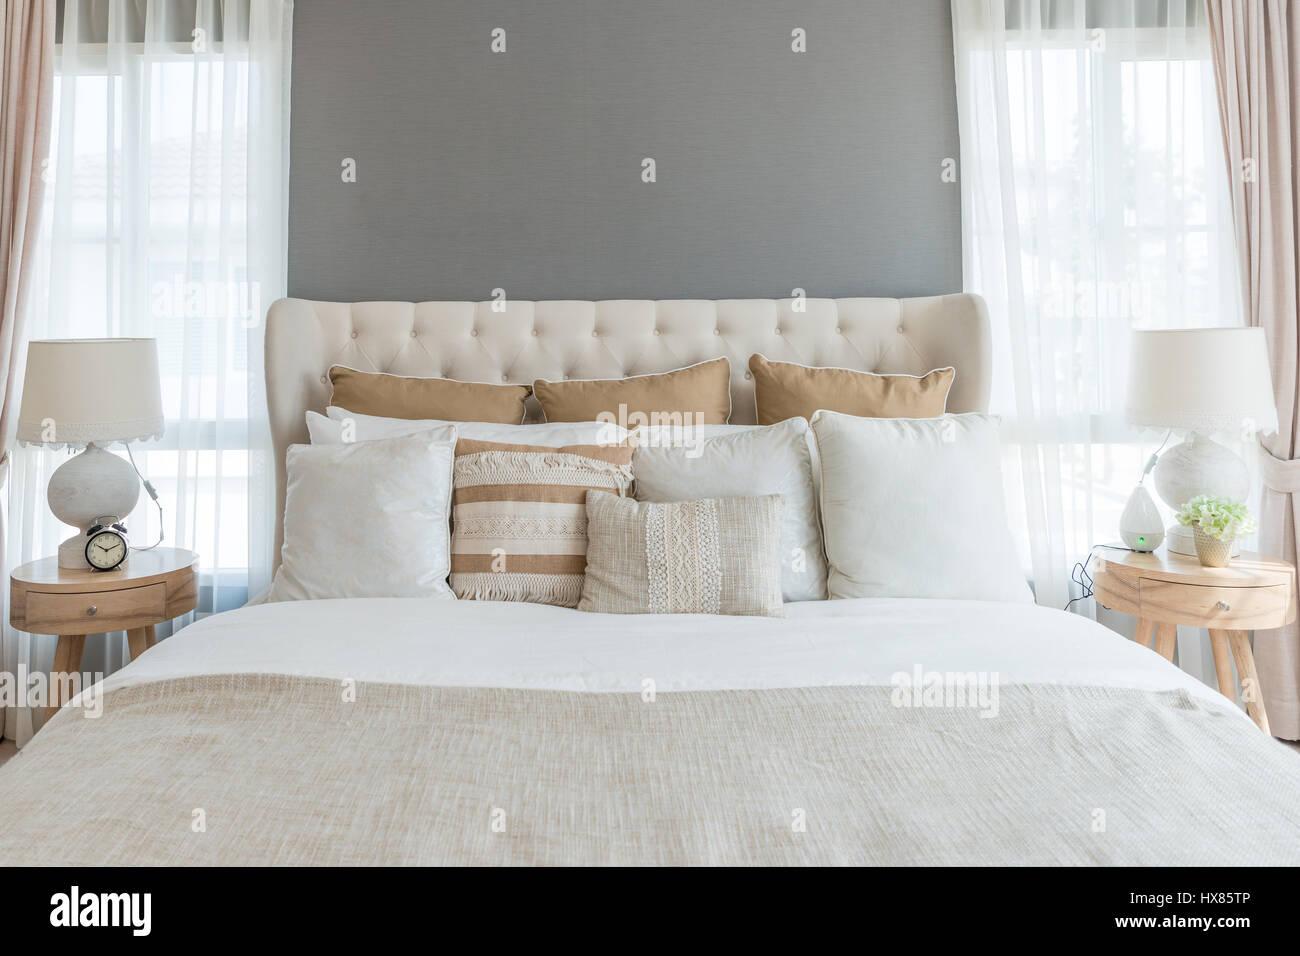 Schlafzimmer in warmen hellen Farben. großes bequemes Doppelbett im ...